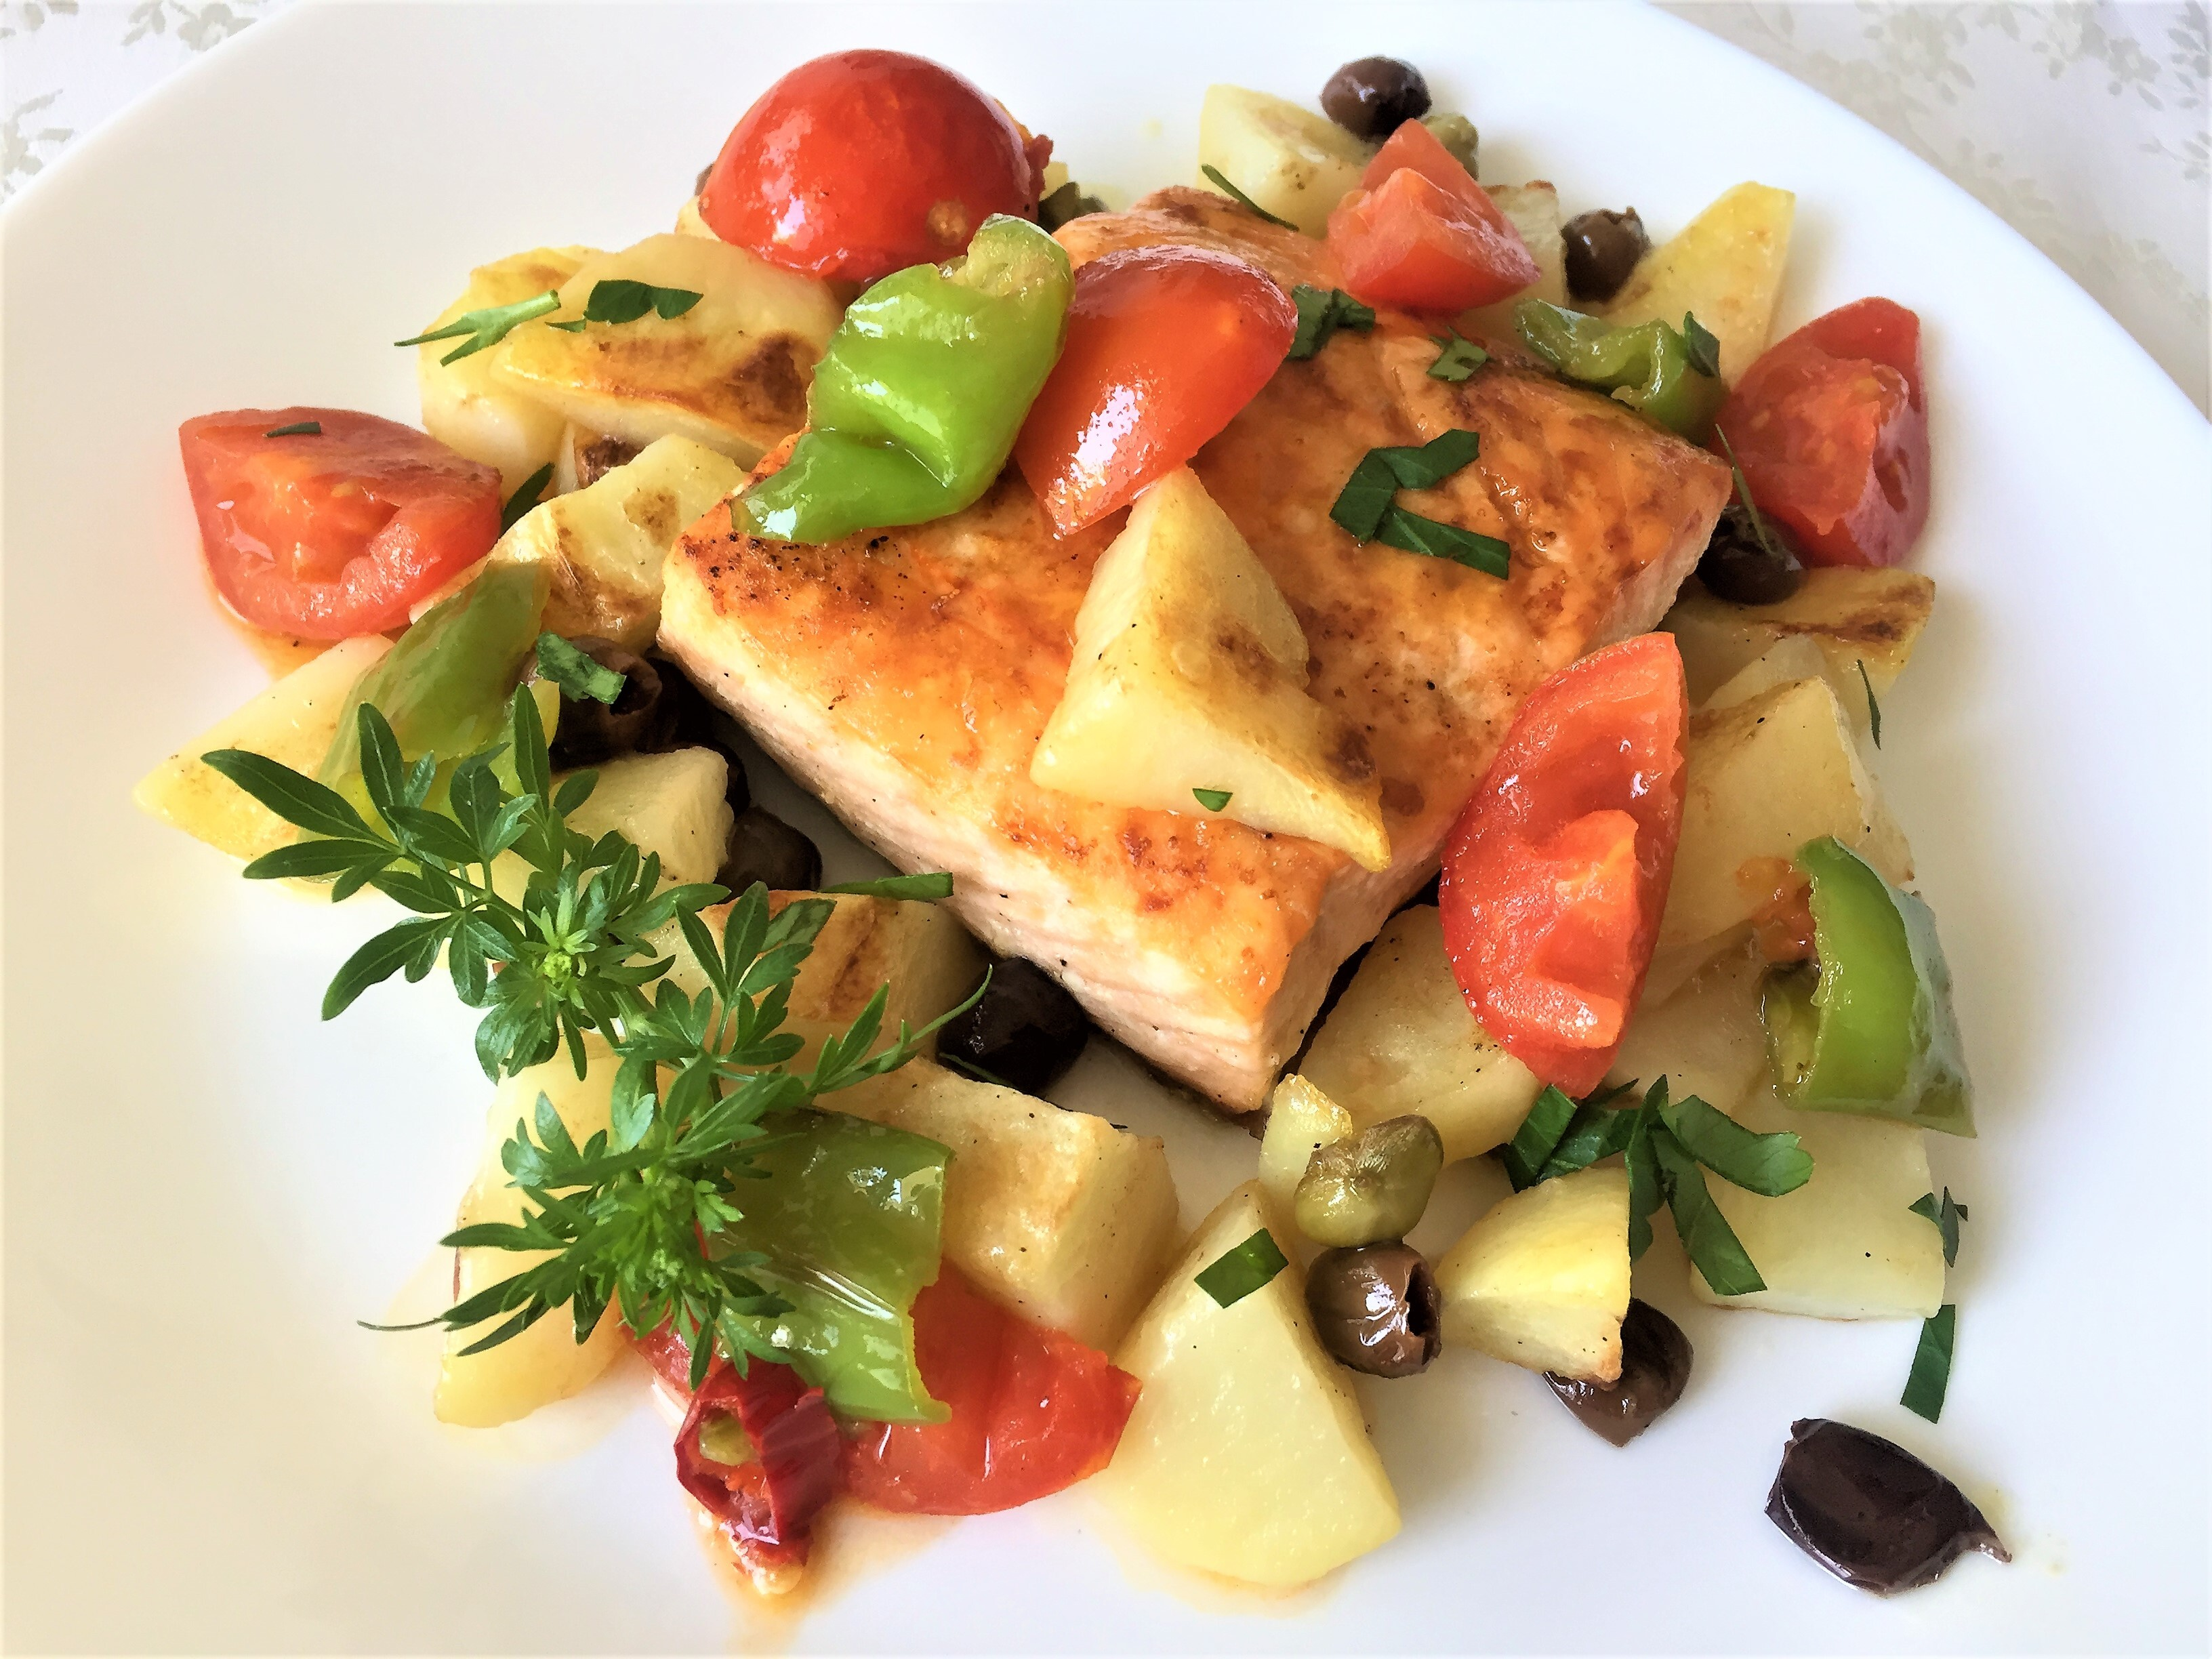 Salmone al forno con patate e olive